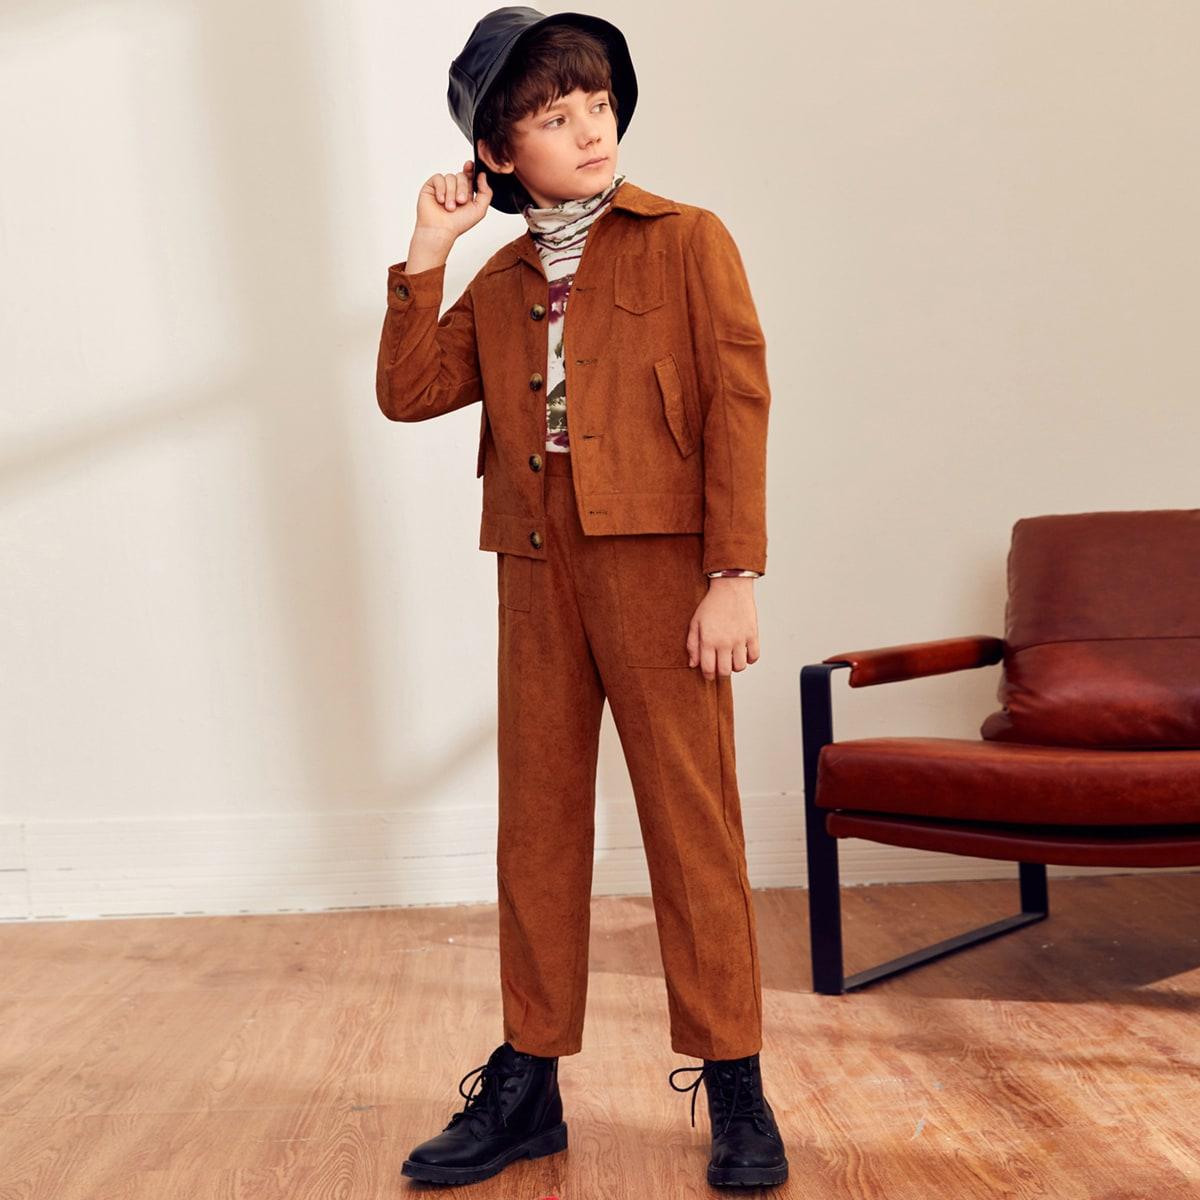 Брюки и куртка с карманом, пуговицами для мальчиков